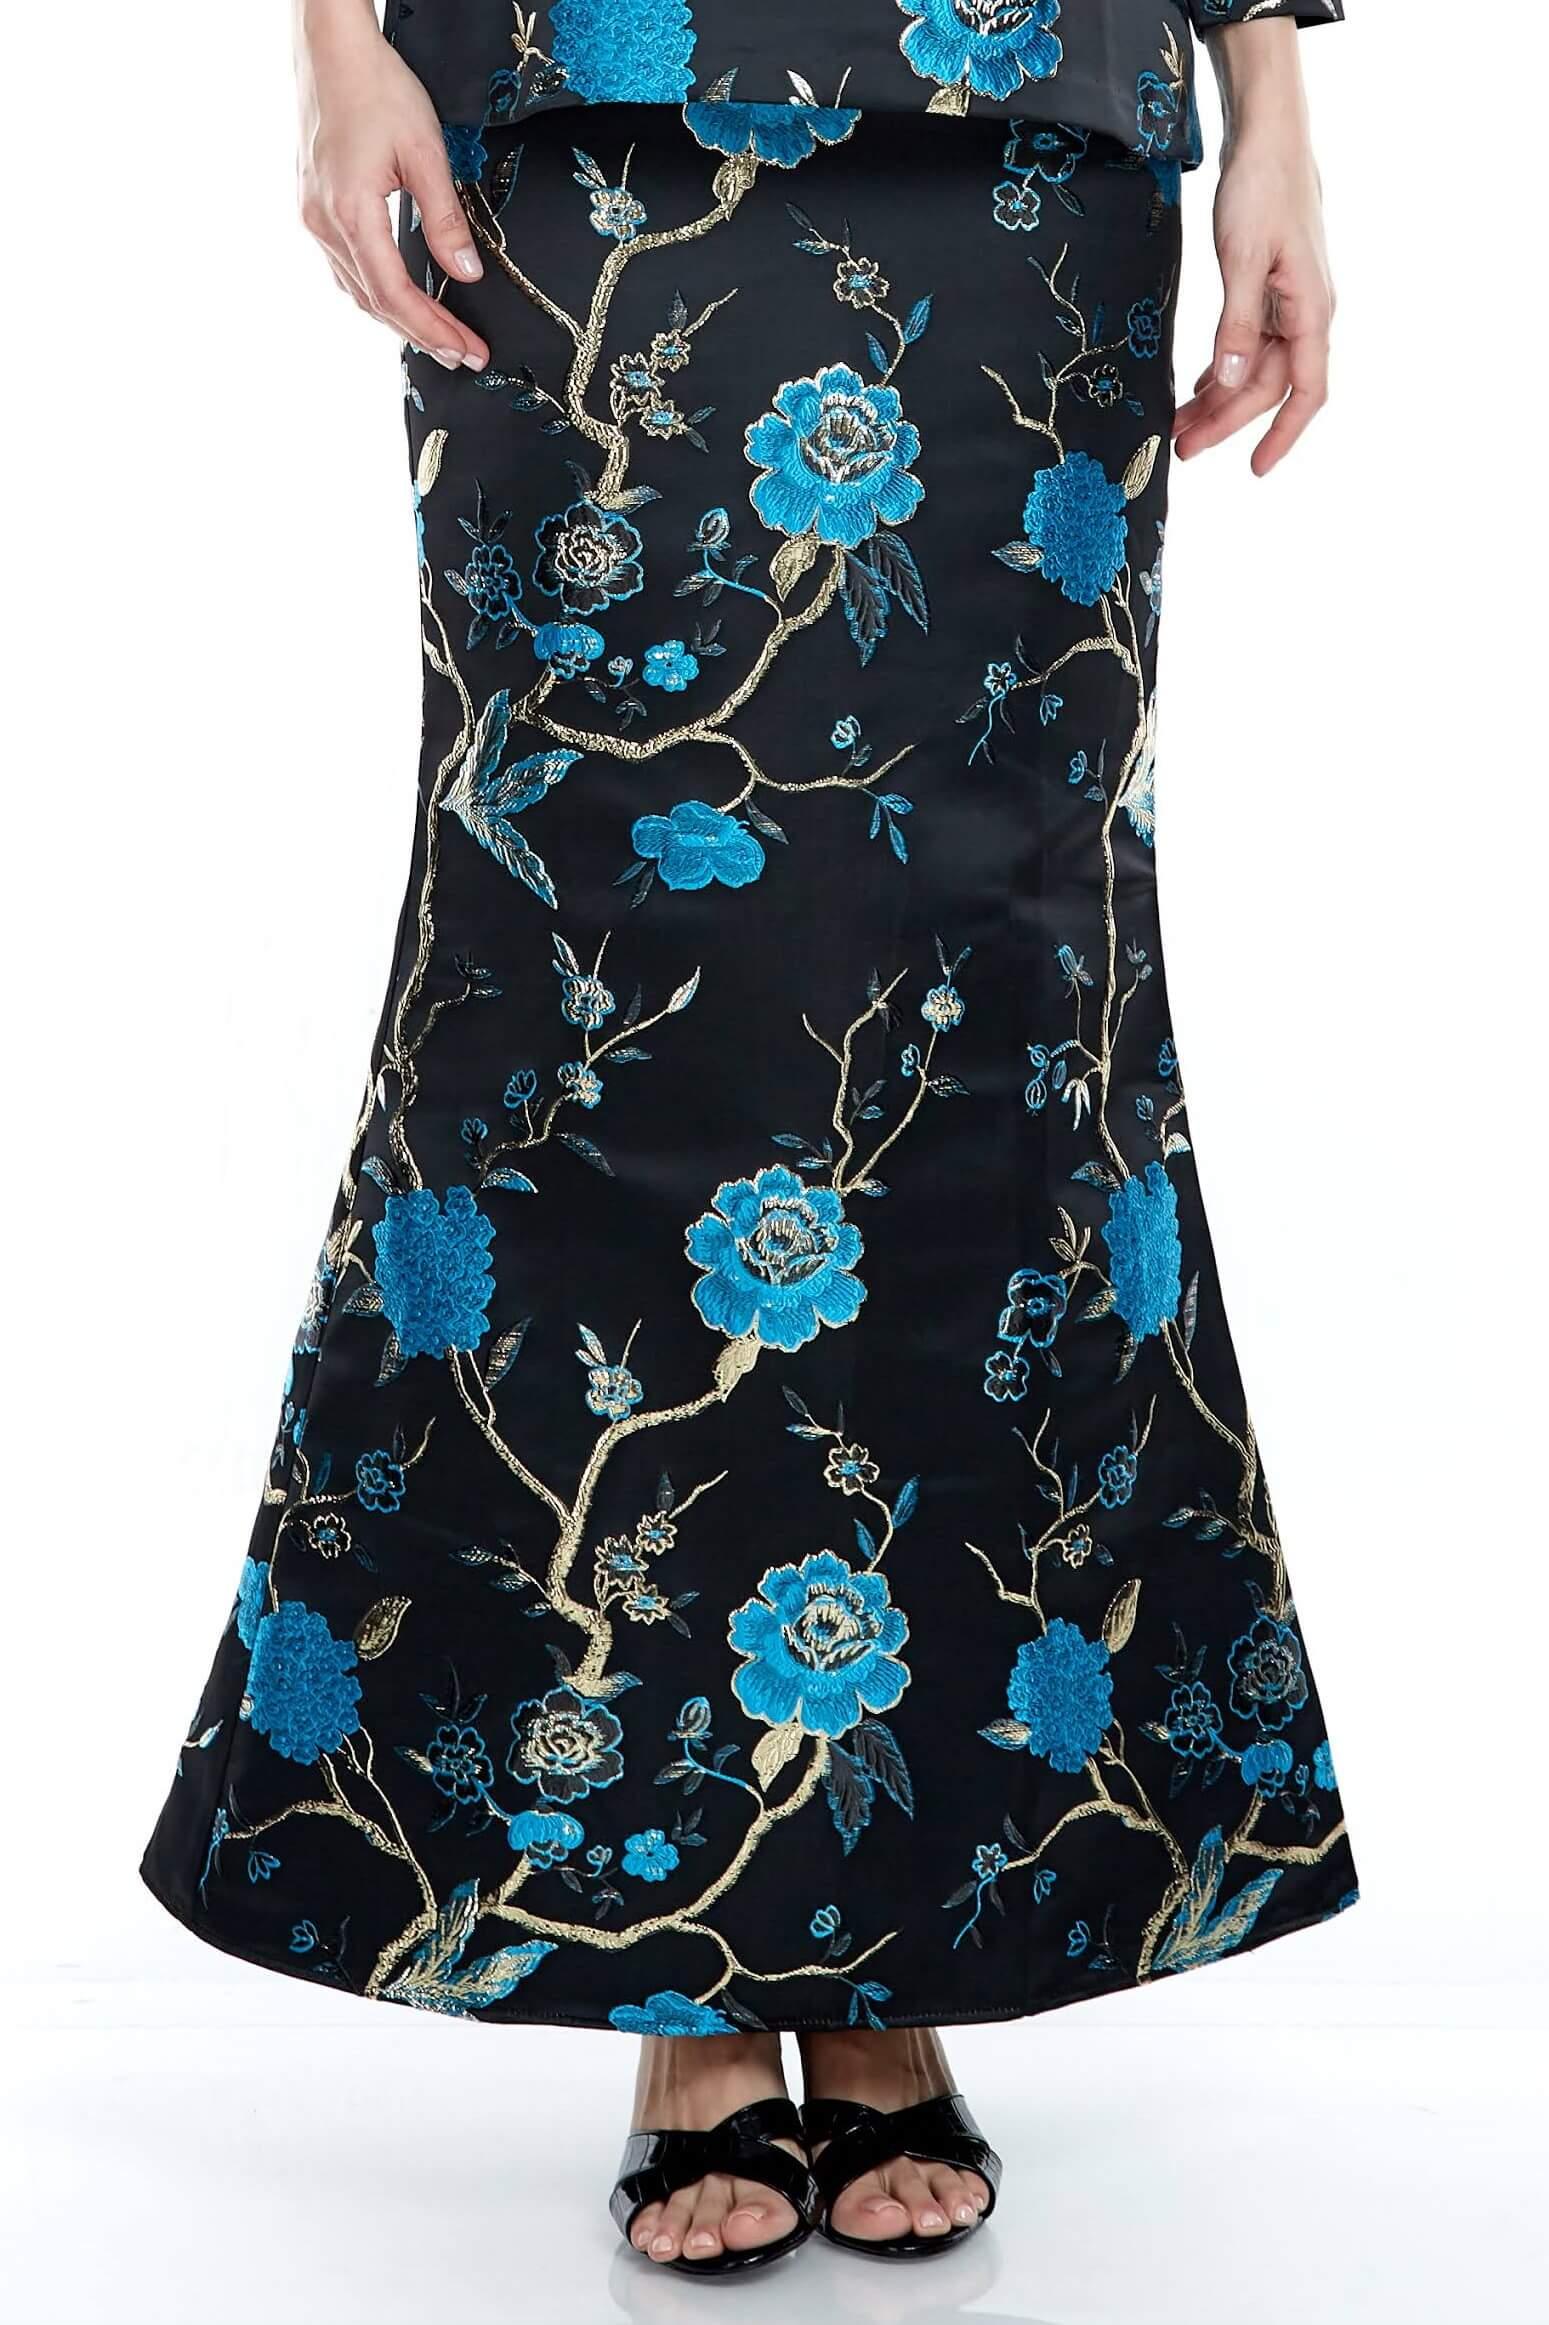 Black-Blue Floral Mermaid Skirt (3)